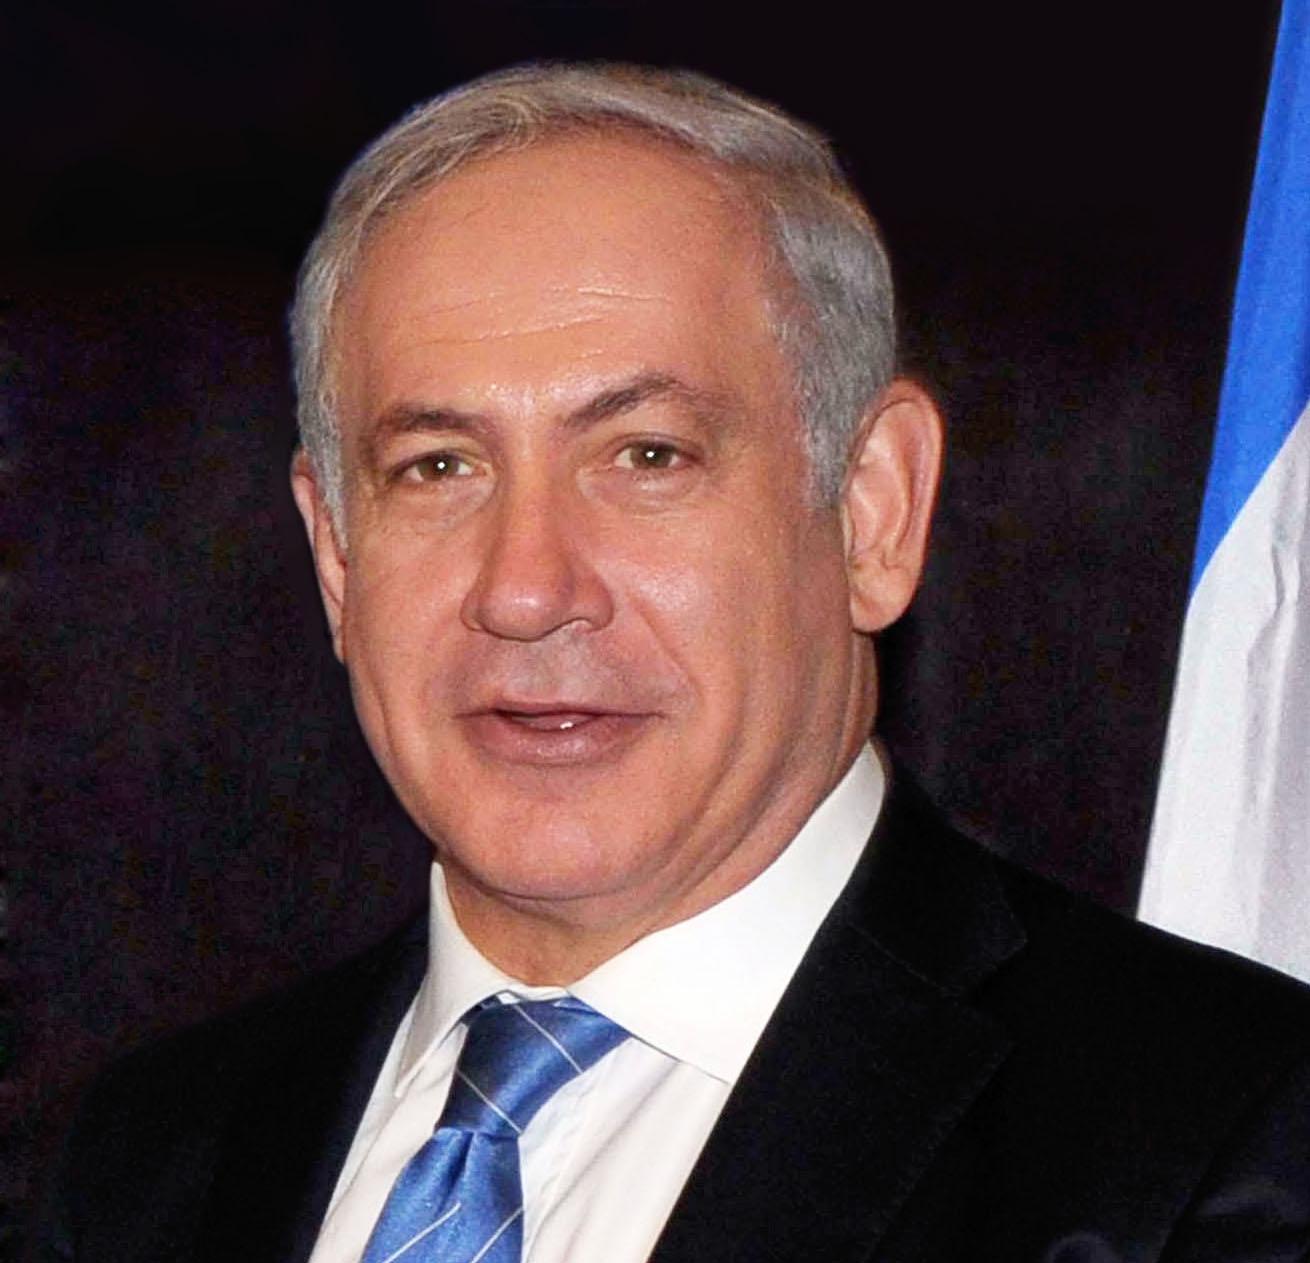 RATUSAN WARGA ISRAEL BERDEMO DI DEPAN RUMAH BENYAMIN NETANYAHU